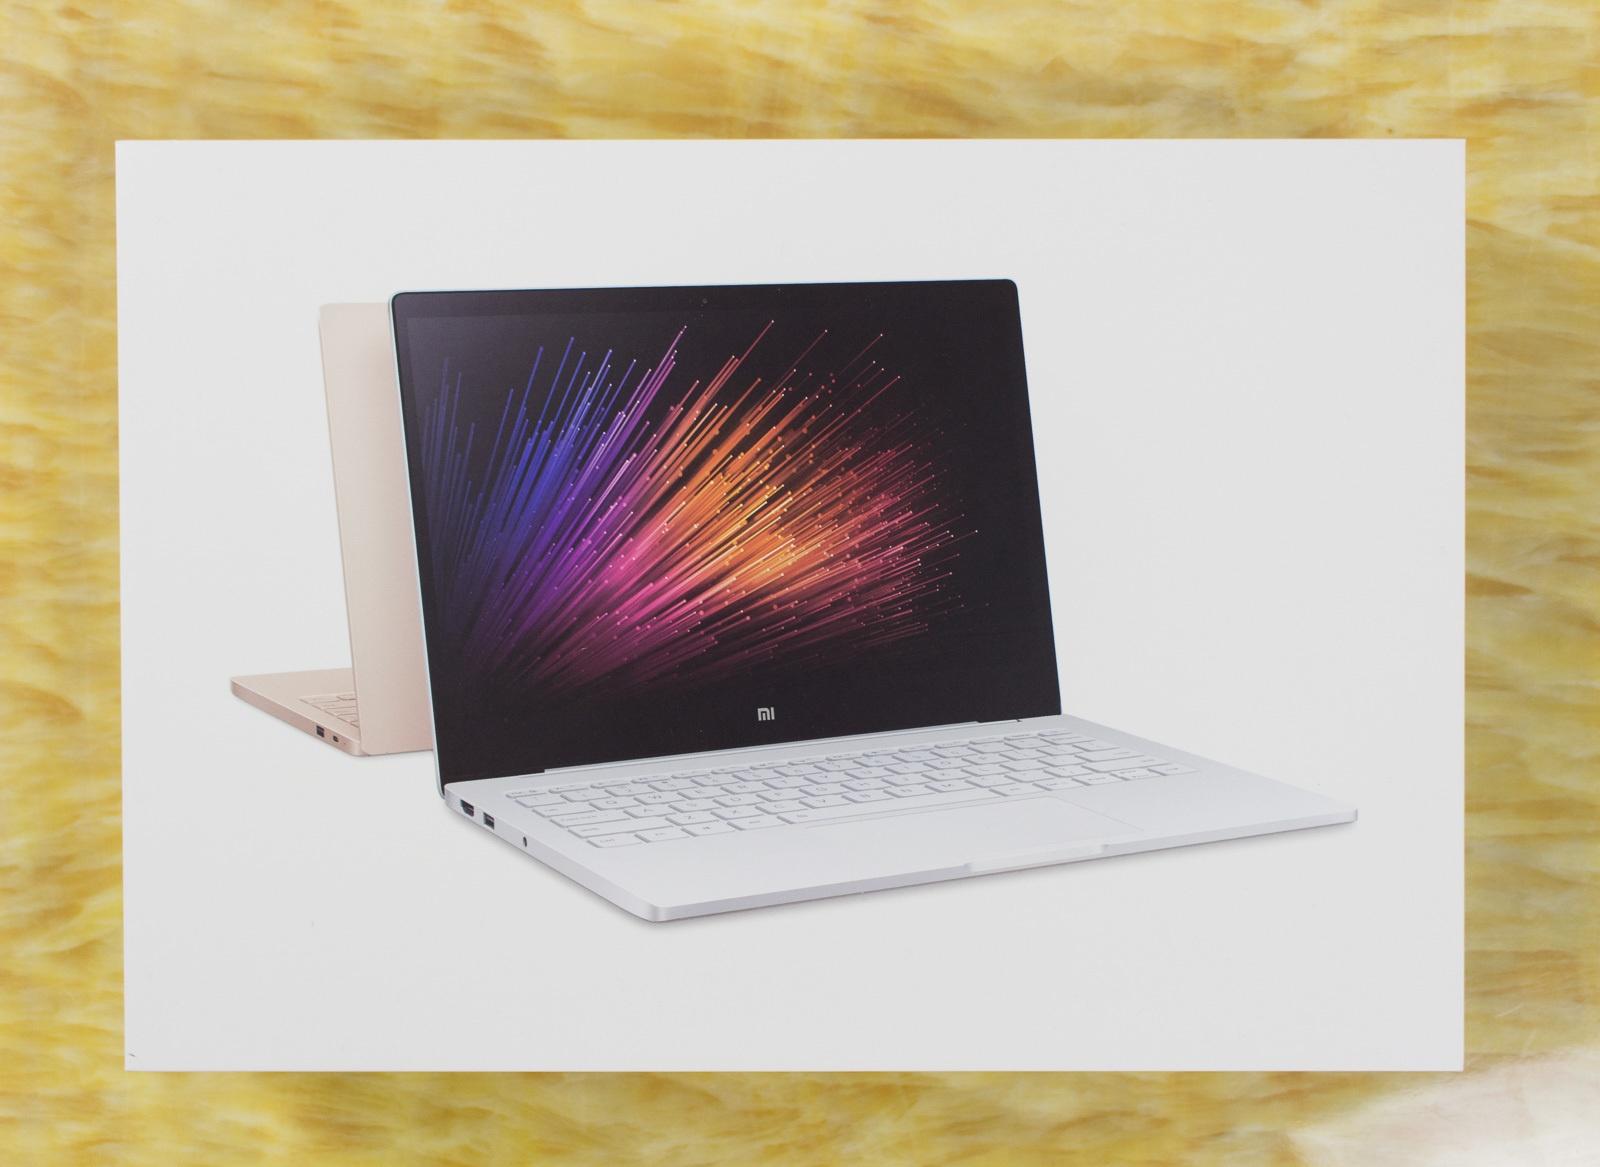 Xiaomi Mi Air 13 Laptop — еще один отличный китайский ноутбук, совершенно непохожий на Macbook - 1